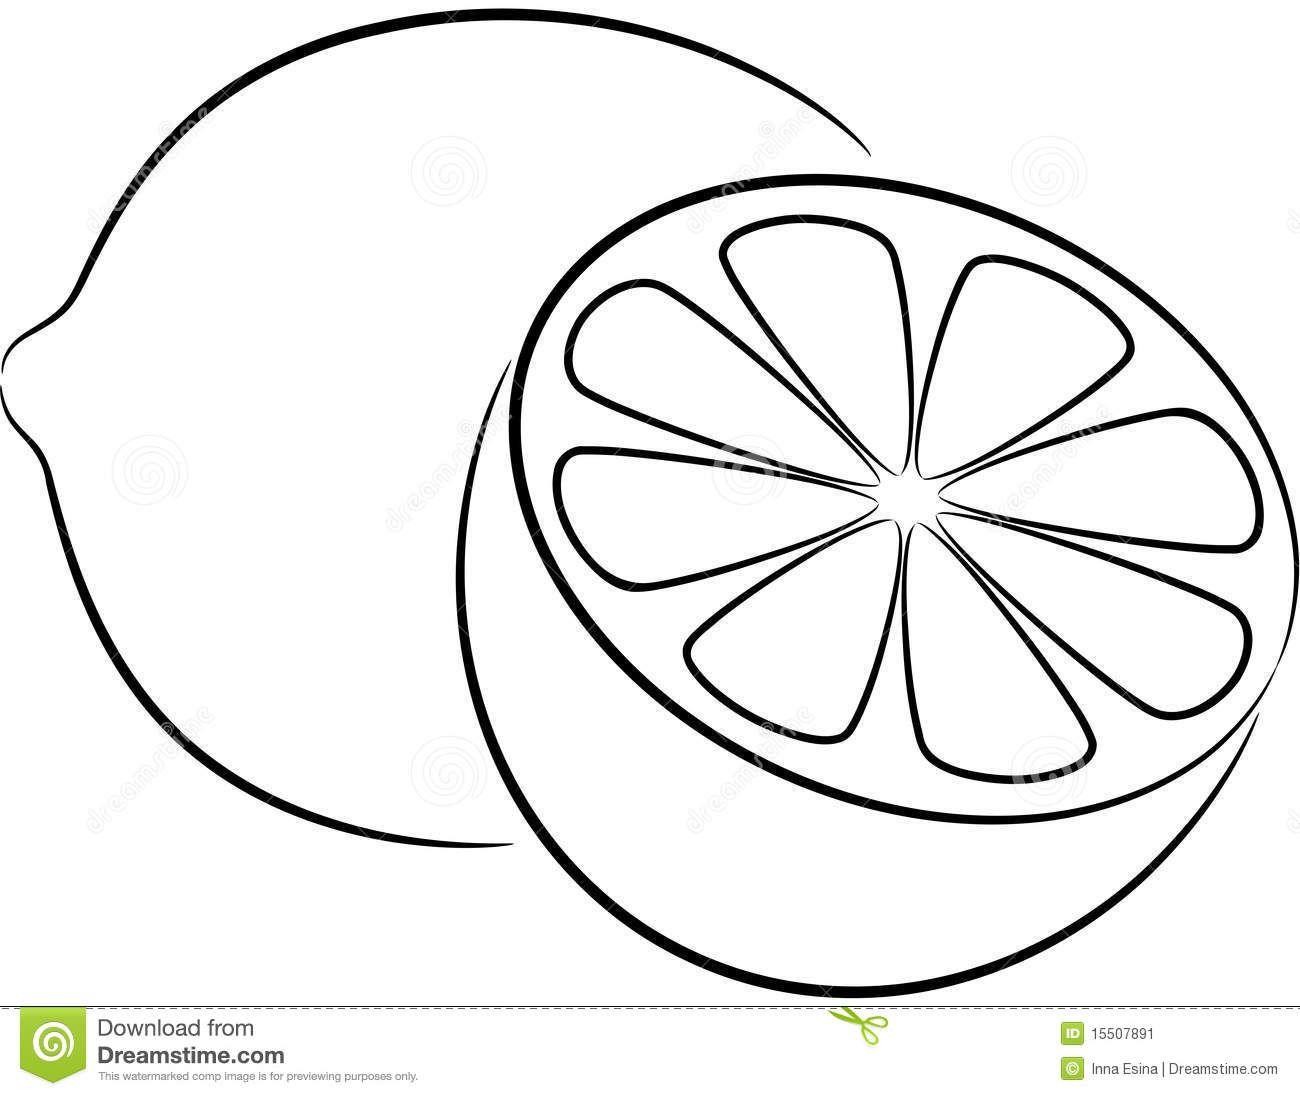 Lemon Clipart Black And White.